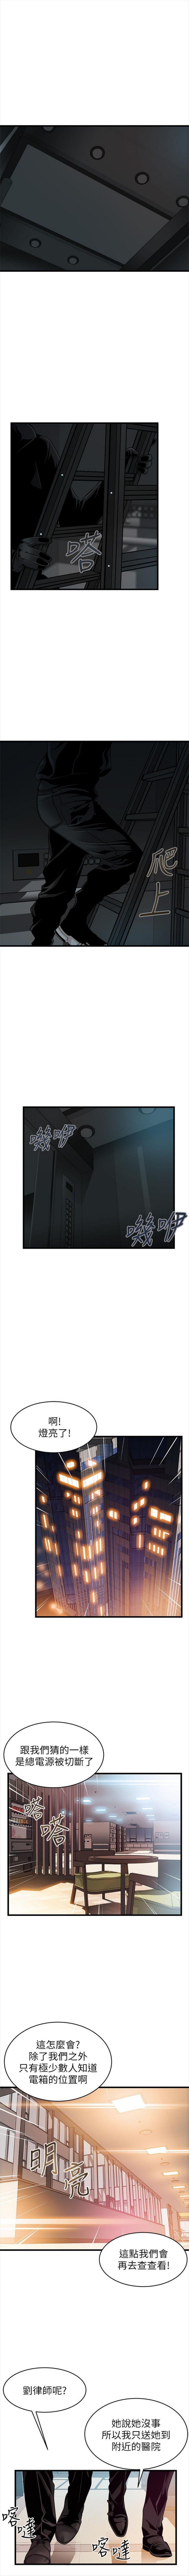 弱點 1-107 官方中文(連載中) 410